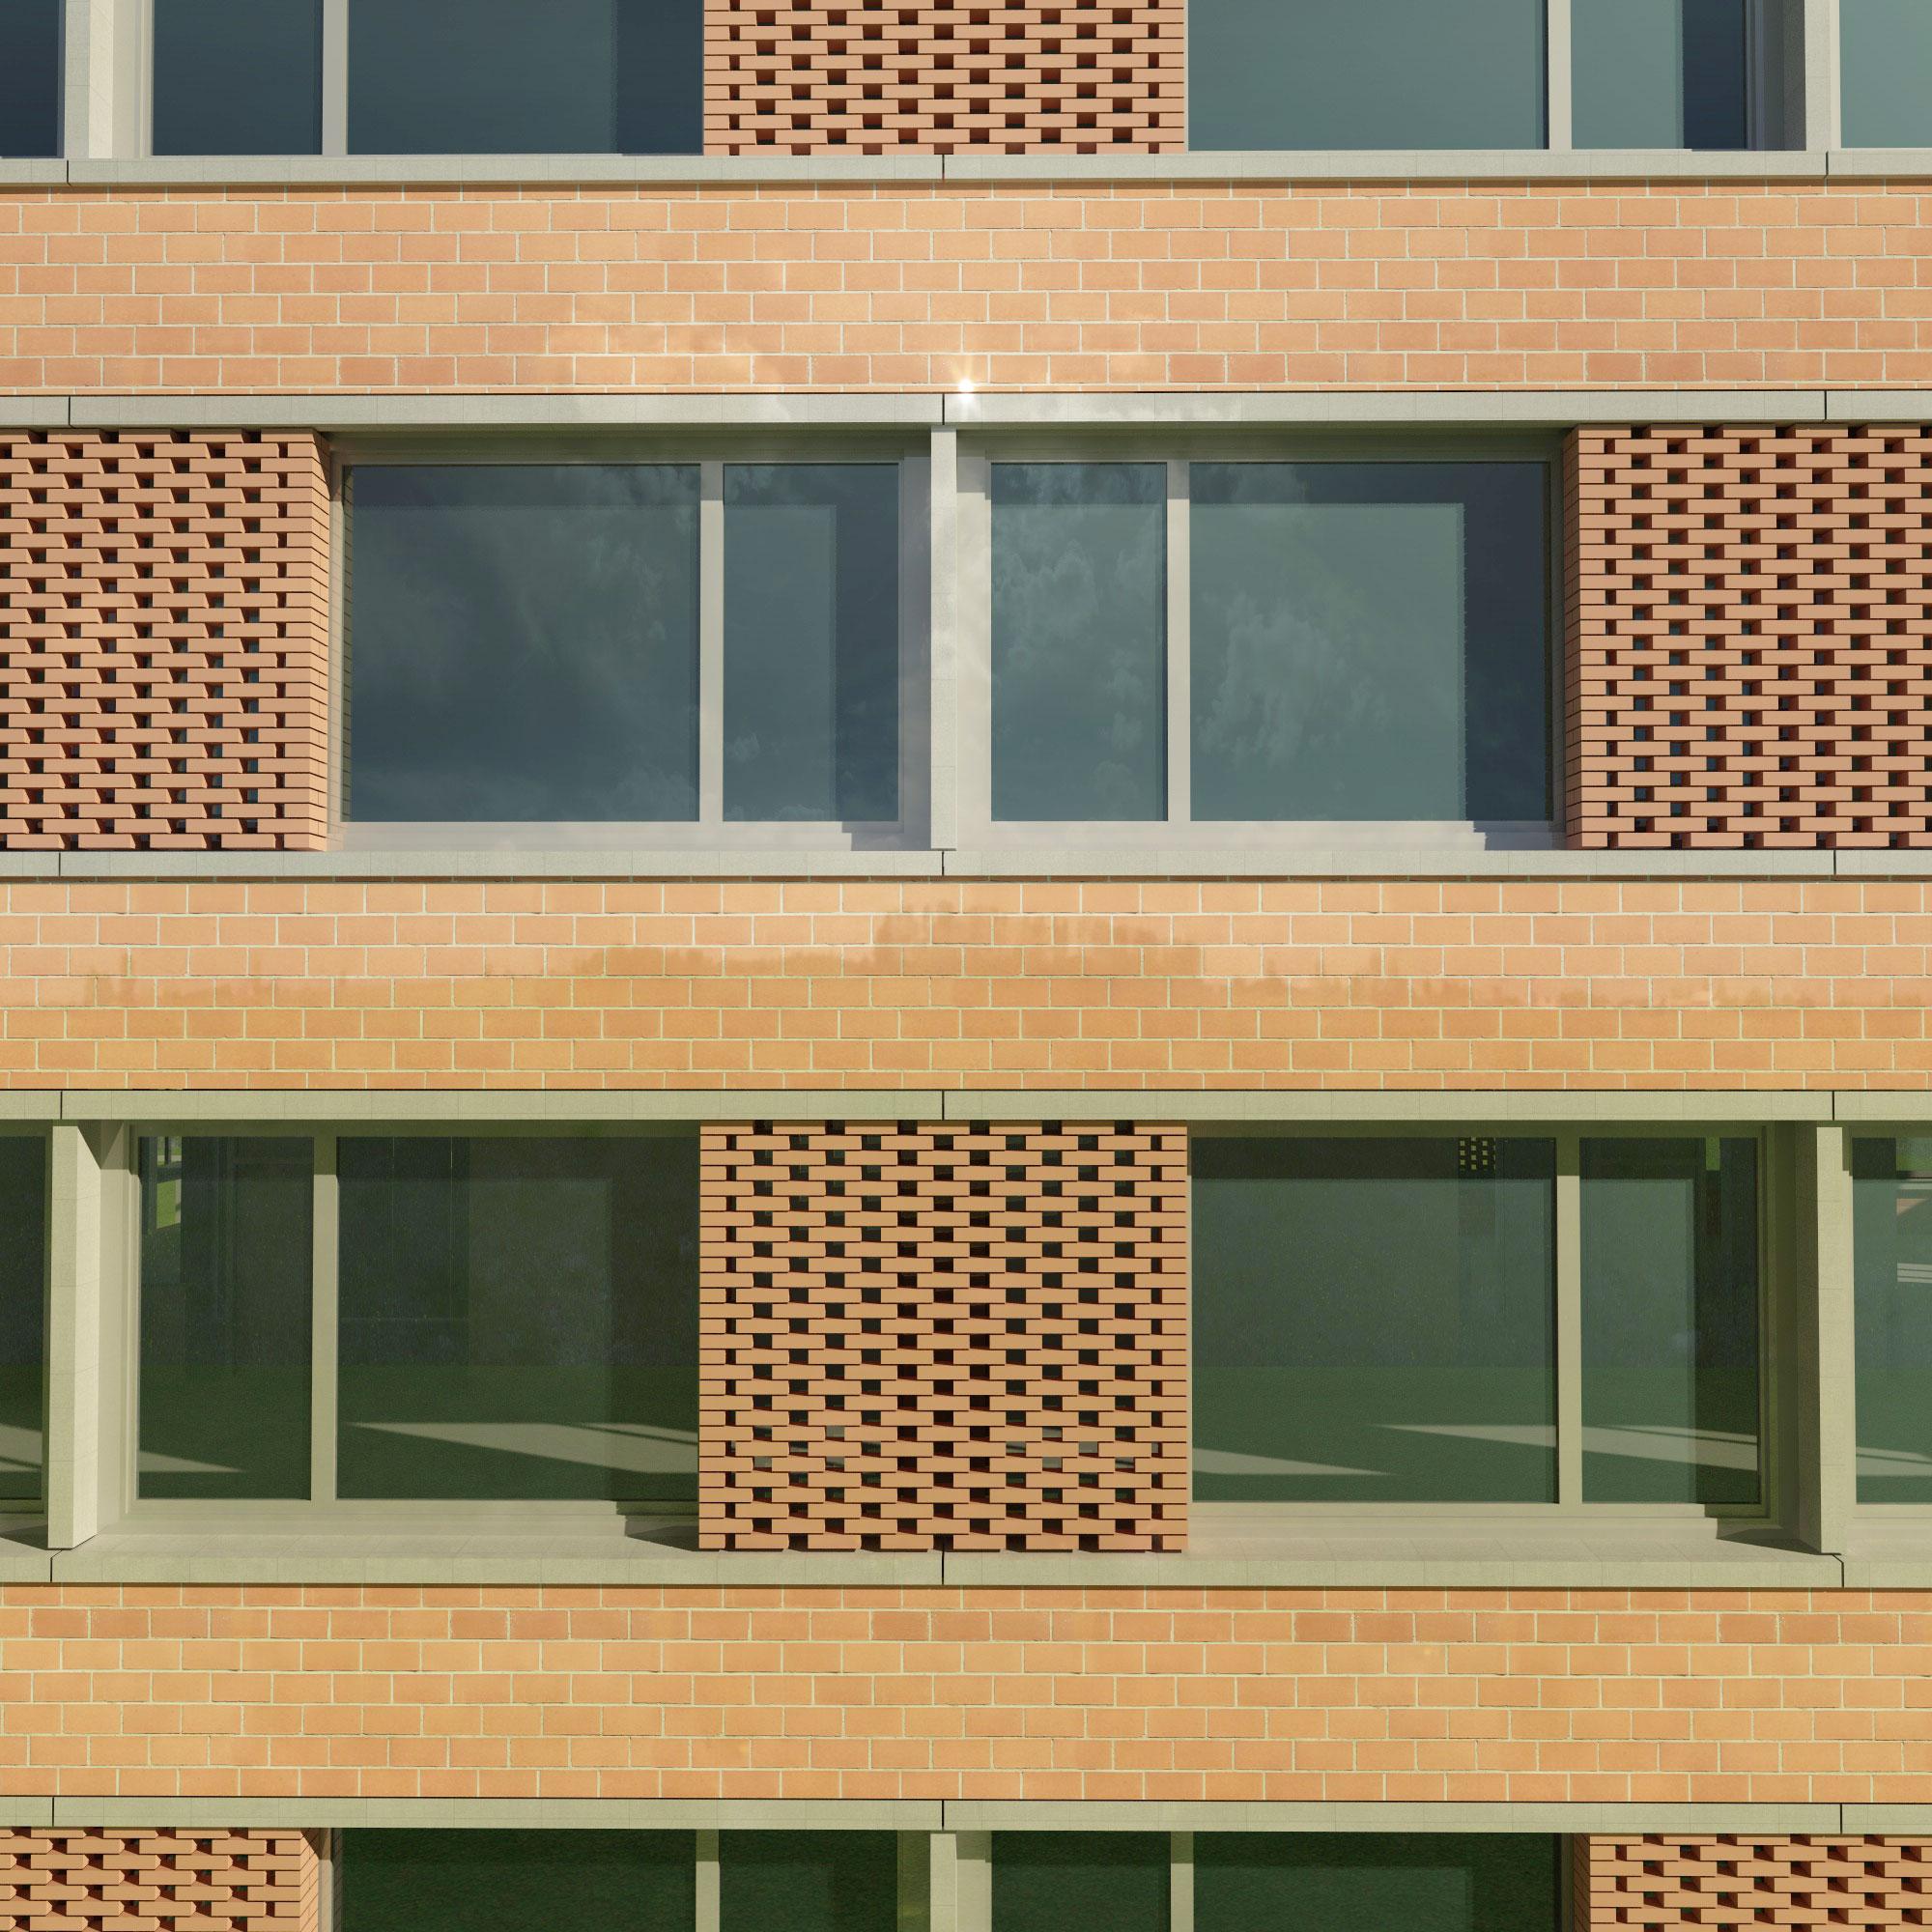 Fassadenstudie Erweiterungsbau